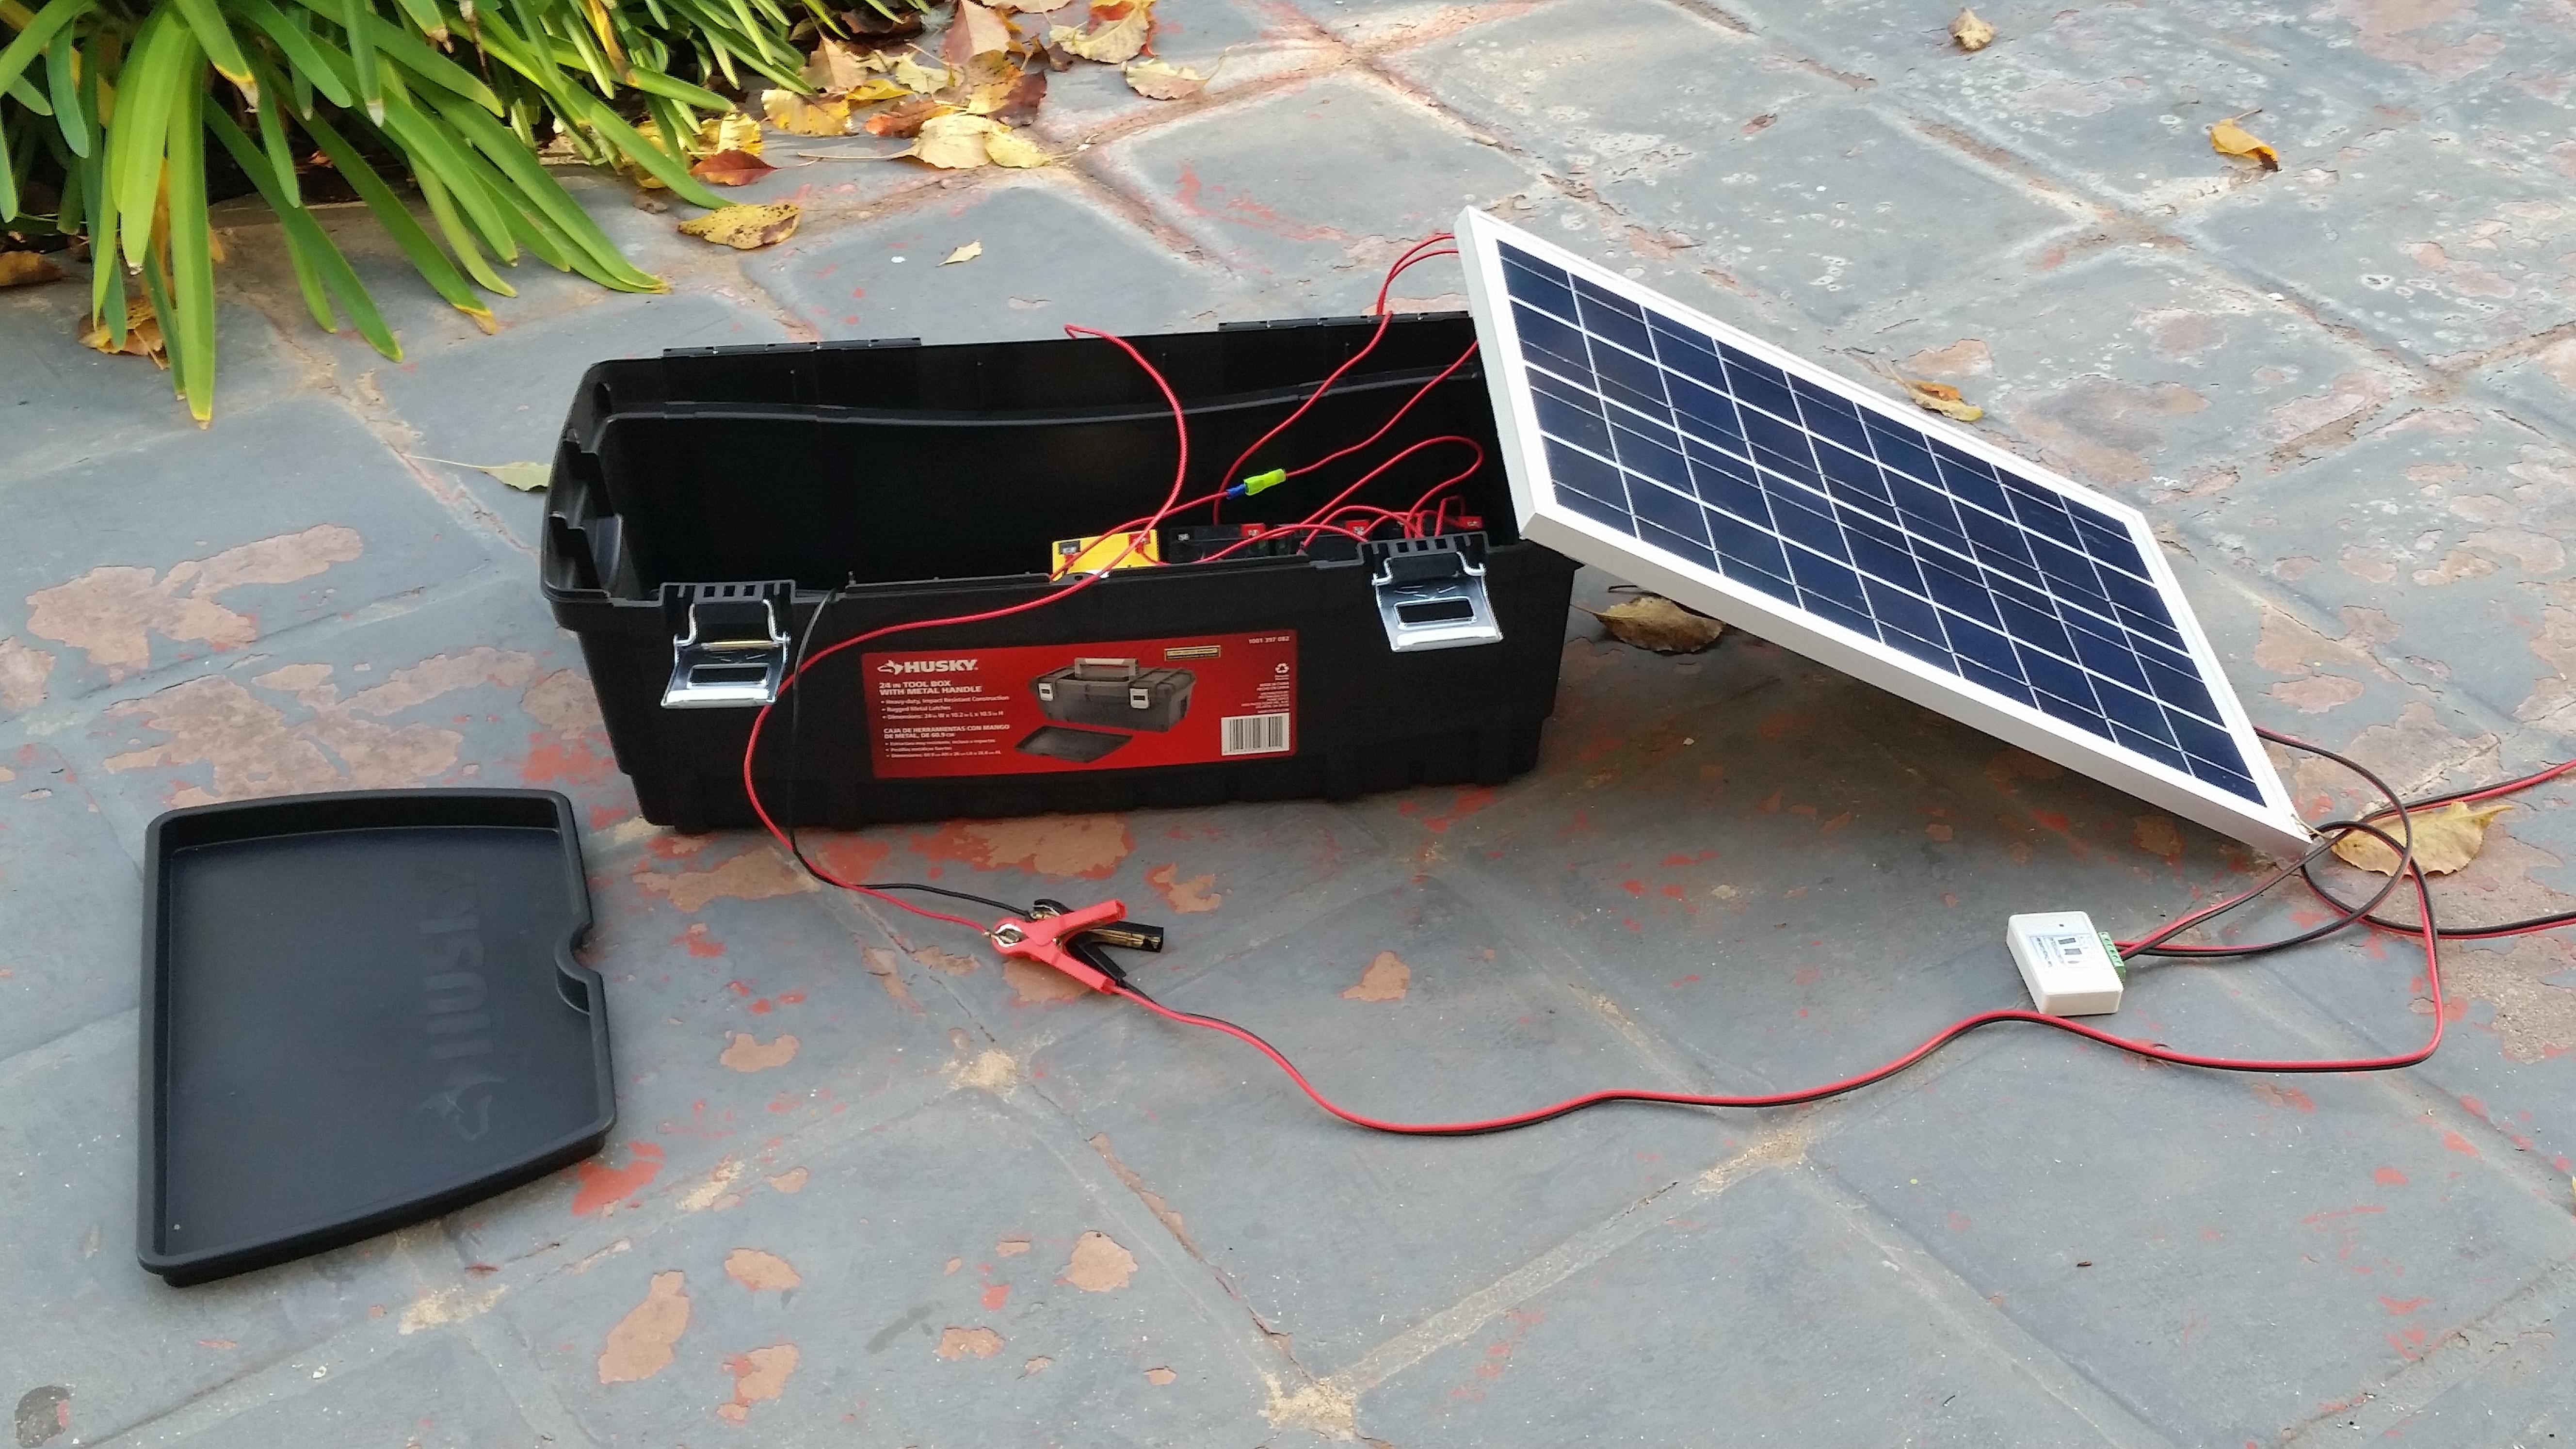 Как сделать солнечную батарею на автомобиль